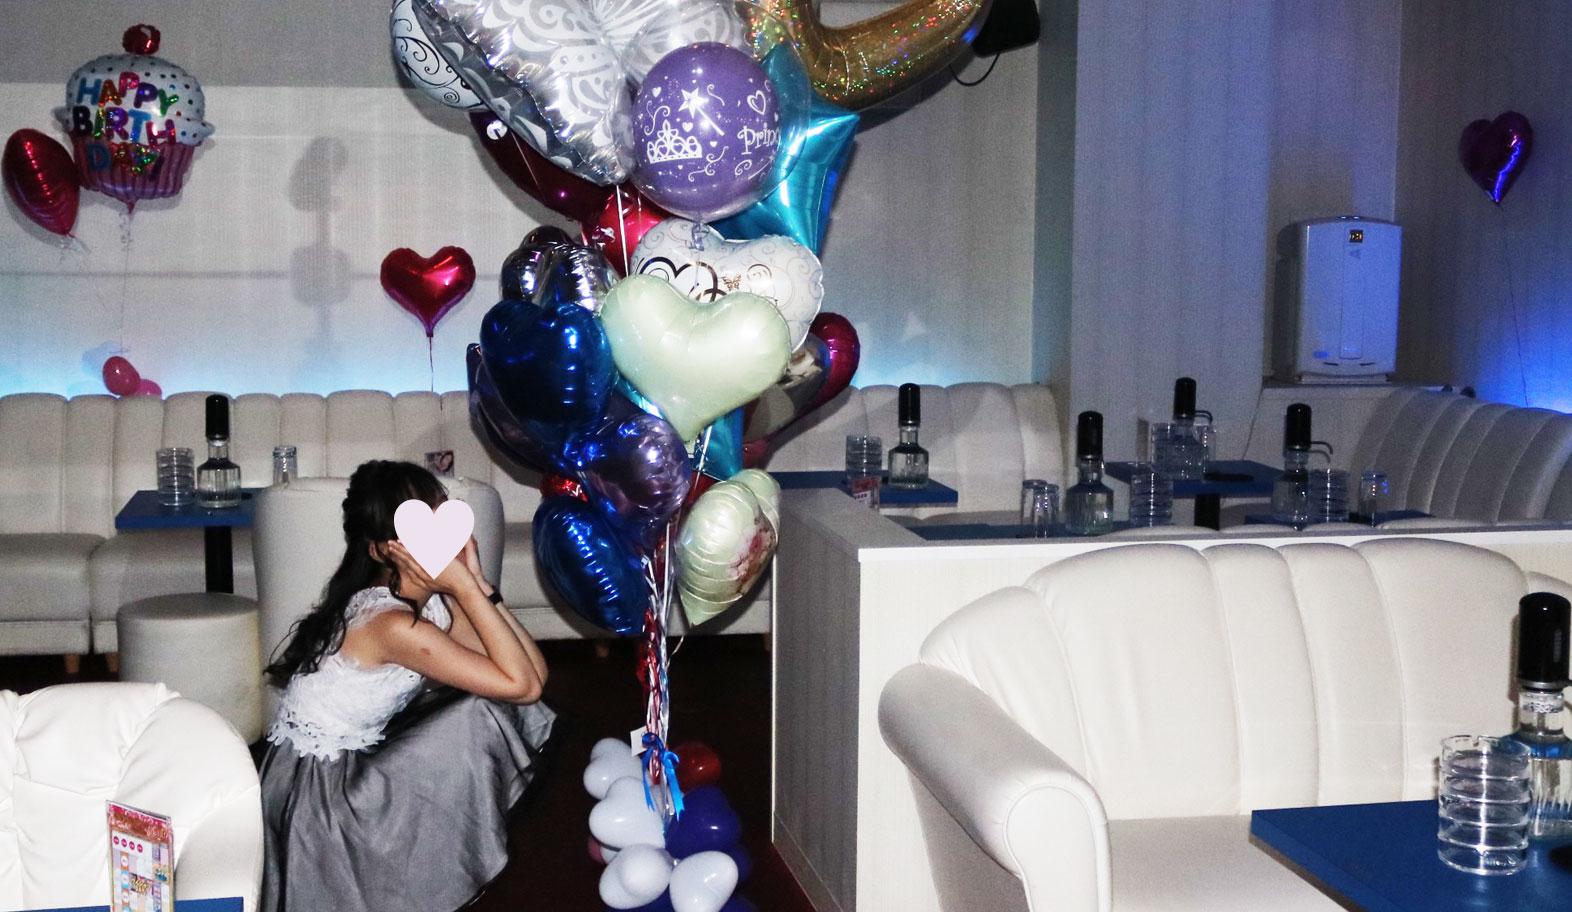 バルーン,女子会,パーティー,キャバクラ,お届け,配達,お誕生日